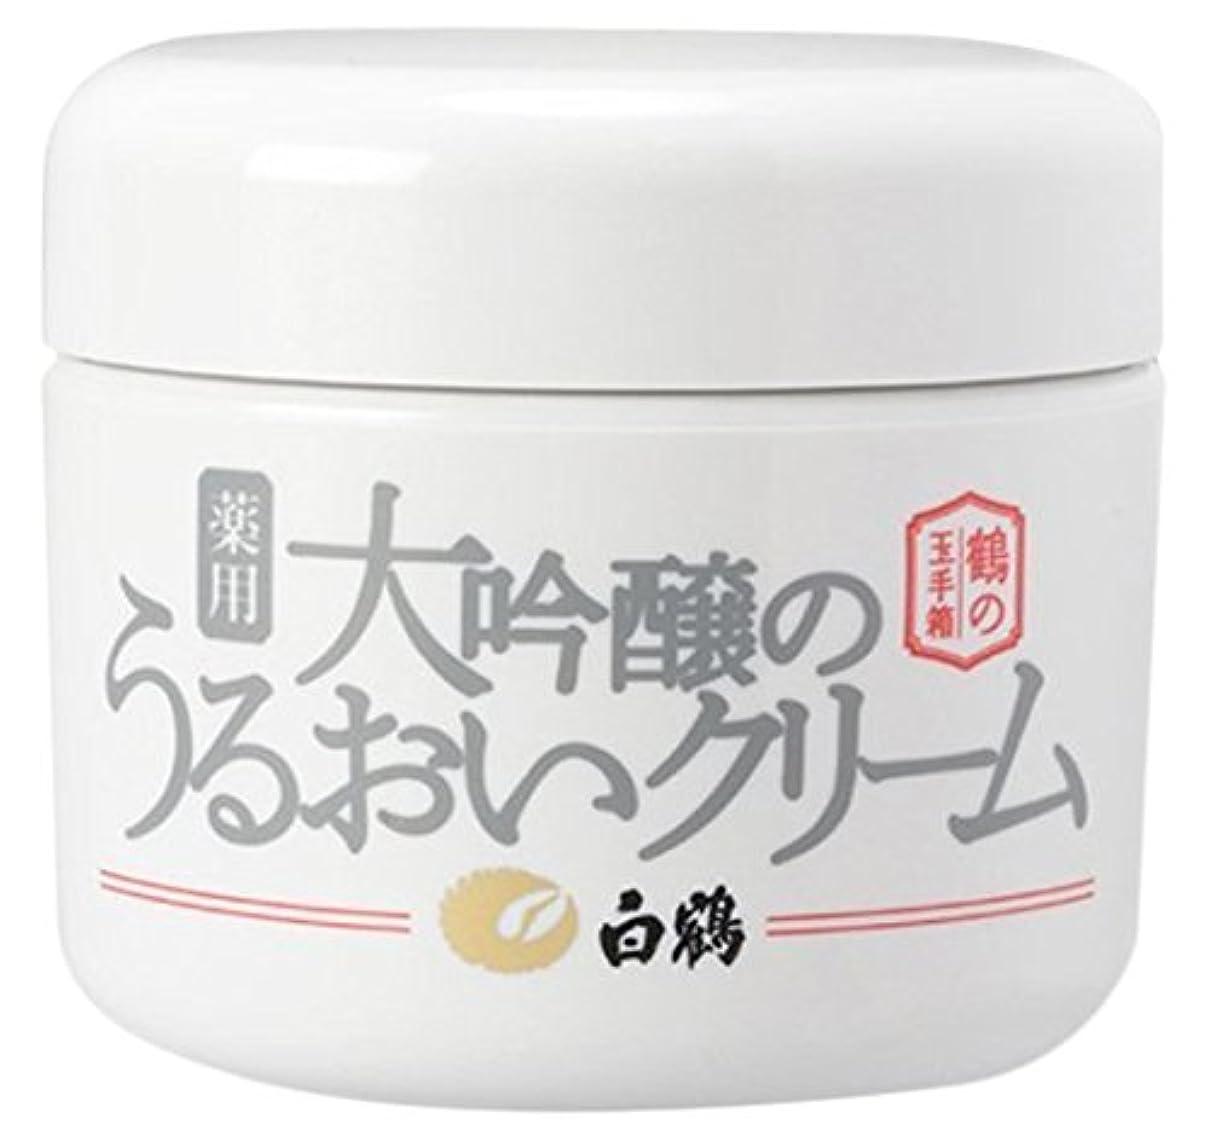 レスリングキャプションエクスタシー白鶴 鶴の玉手箱 薬用 大吟醸のうるおいクリーム 90g